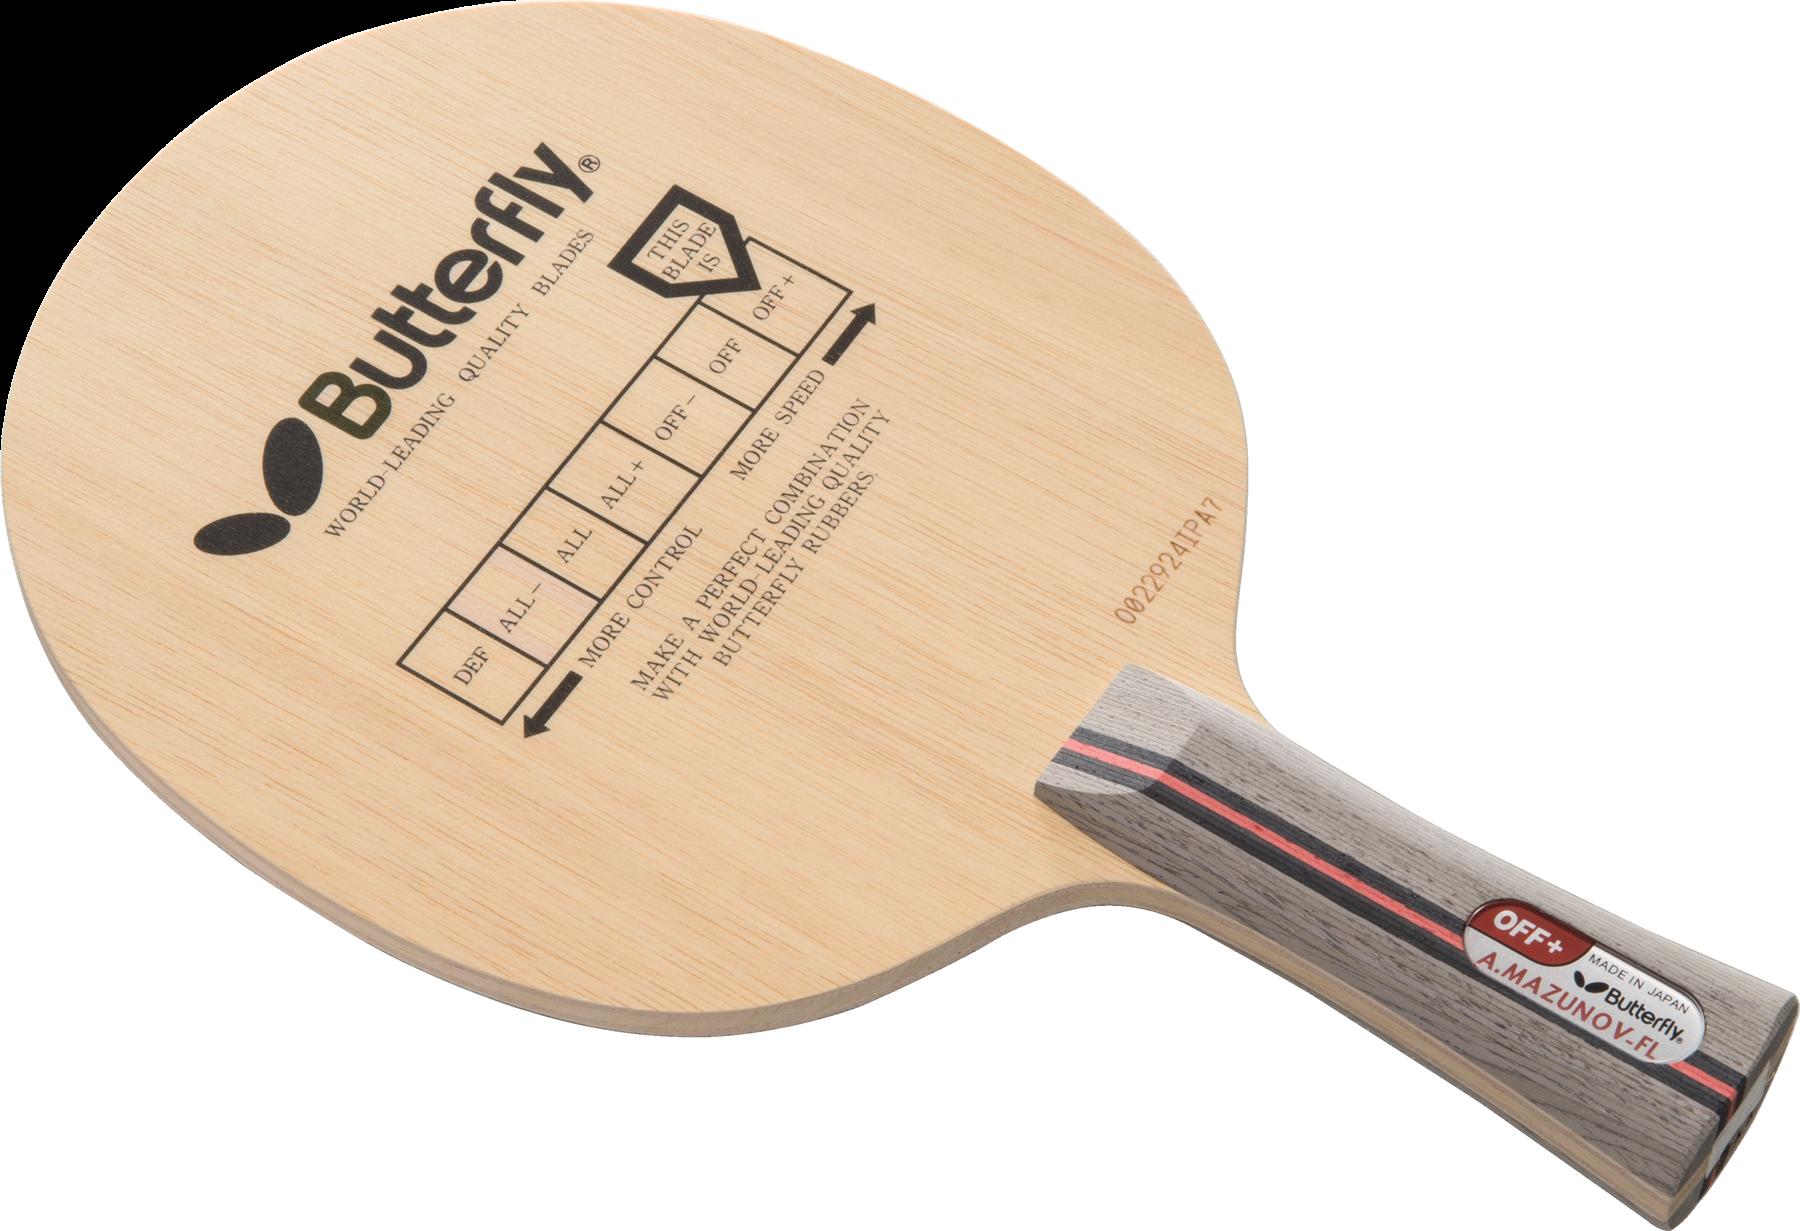 Основания для ракеток Butterfly: особенности и преимущества